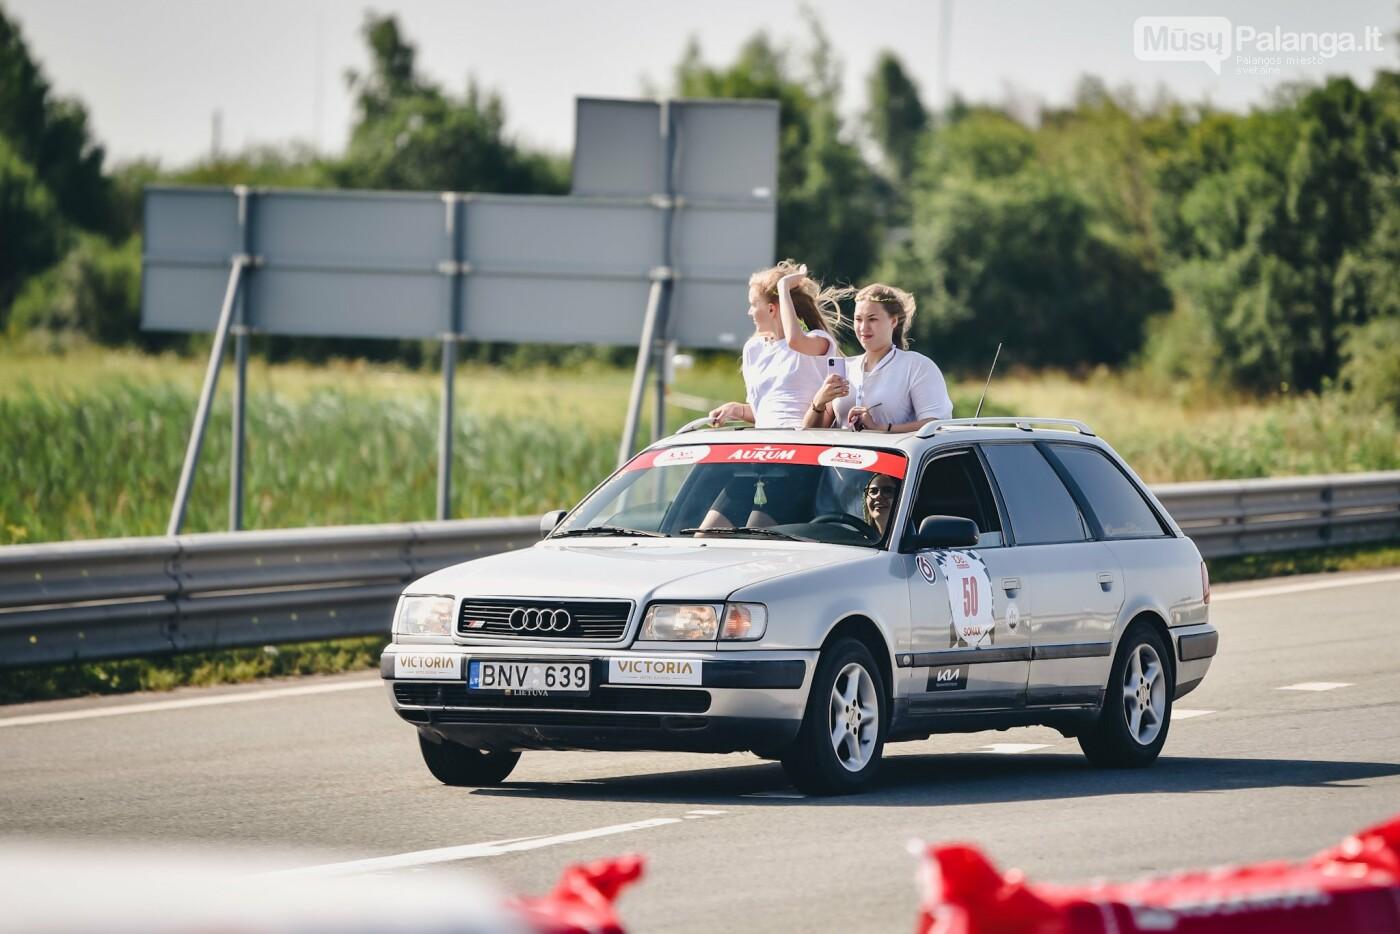 Žiūrovus žavėjo kilometrinė moterų iššūkio dalyvių kolona, nuotrauka-3, Vytauto PILKAUSKO ir Arno STRUMILOS nuotraukos